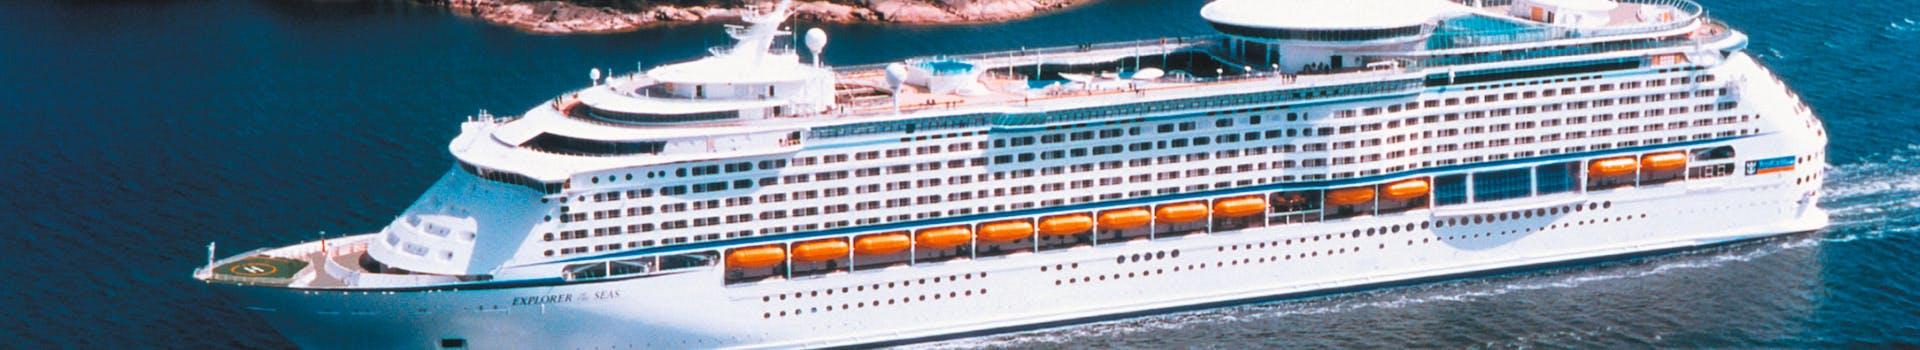 Explorer Of The Seas Reviews Ship Details Photos Cruiseline Com